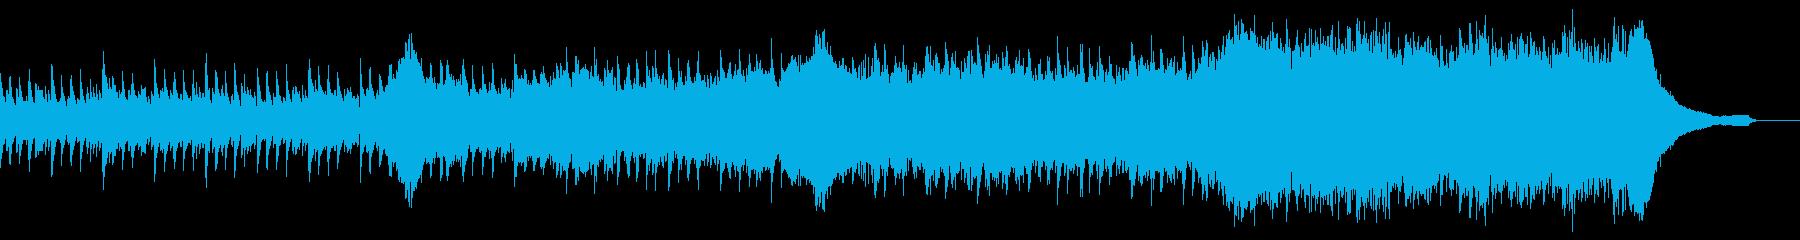 企業VP映像、105オーケストラ、爽快bの再生済みの波形